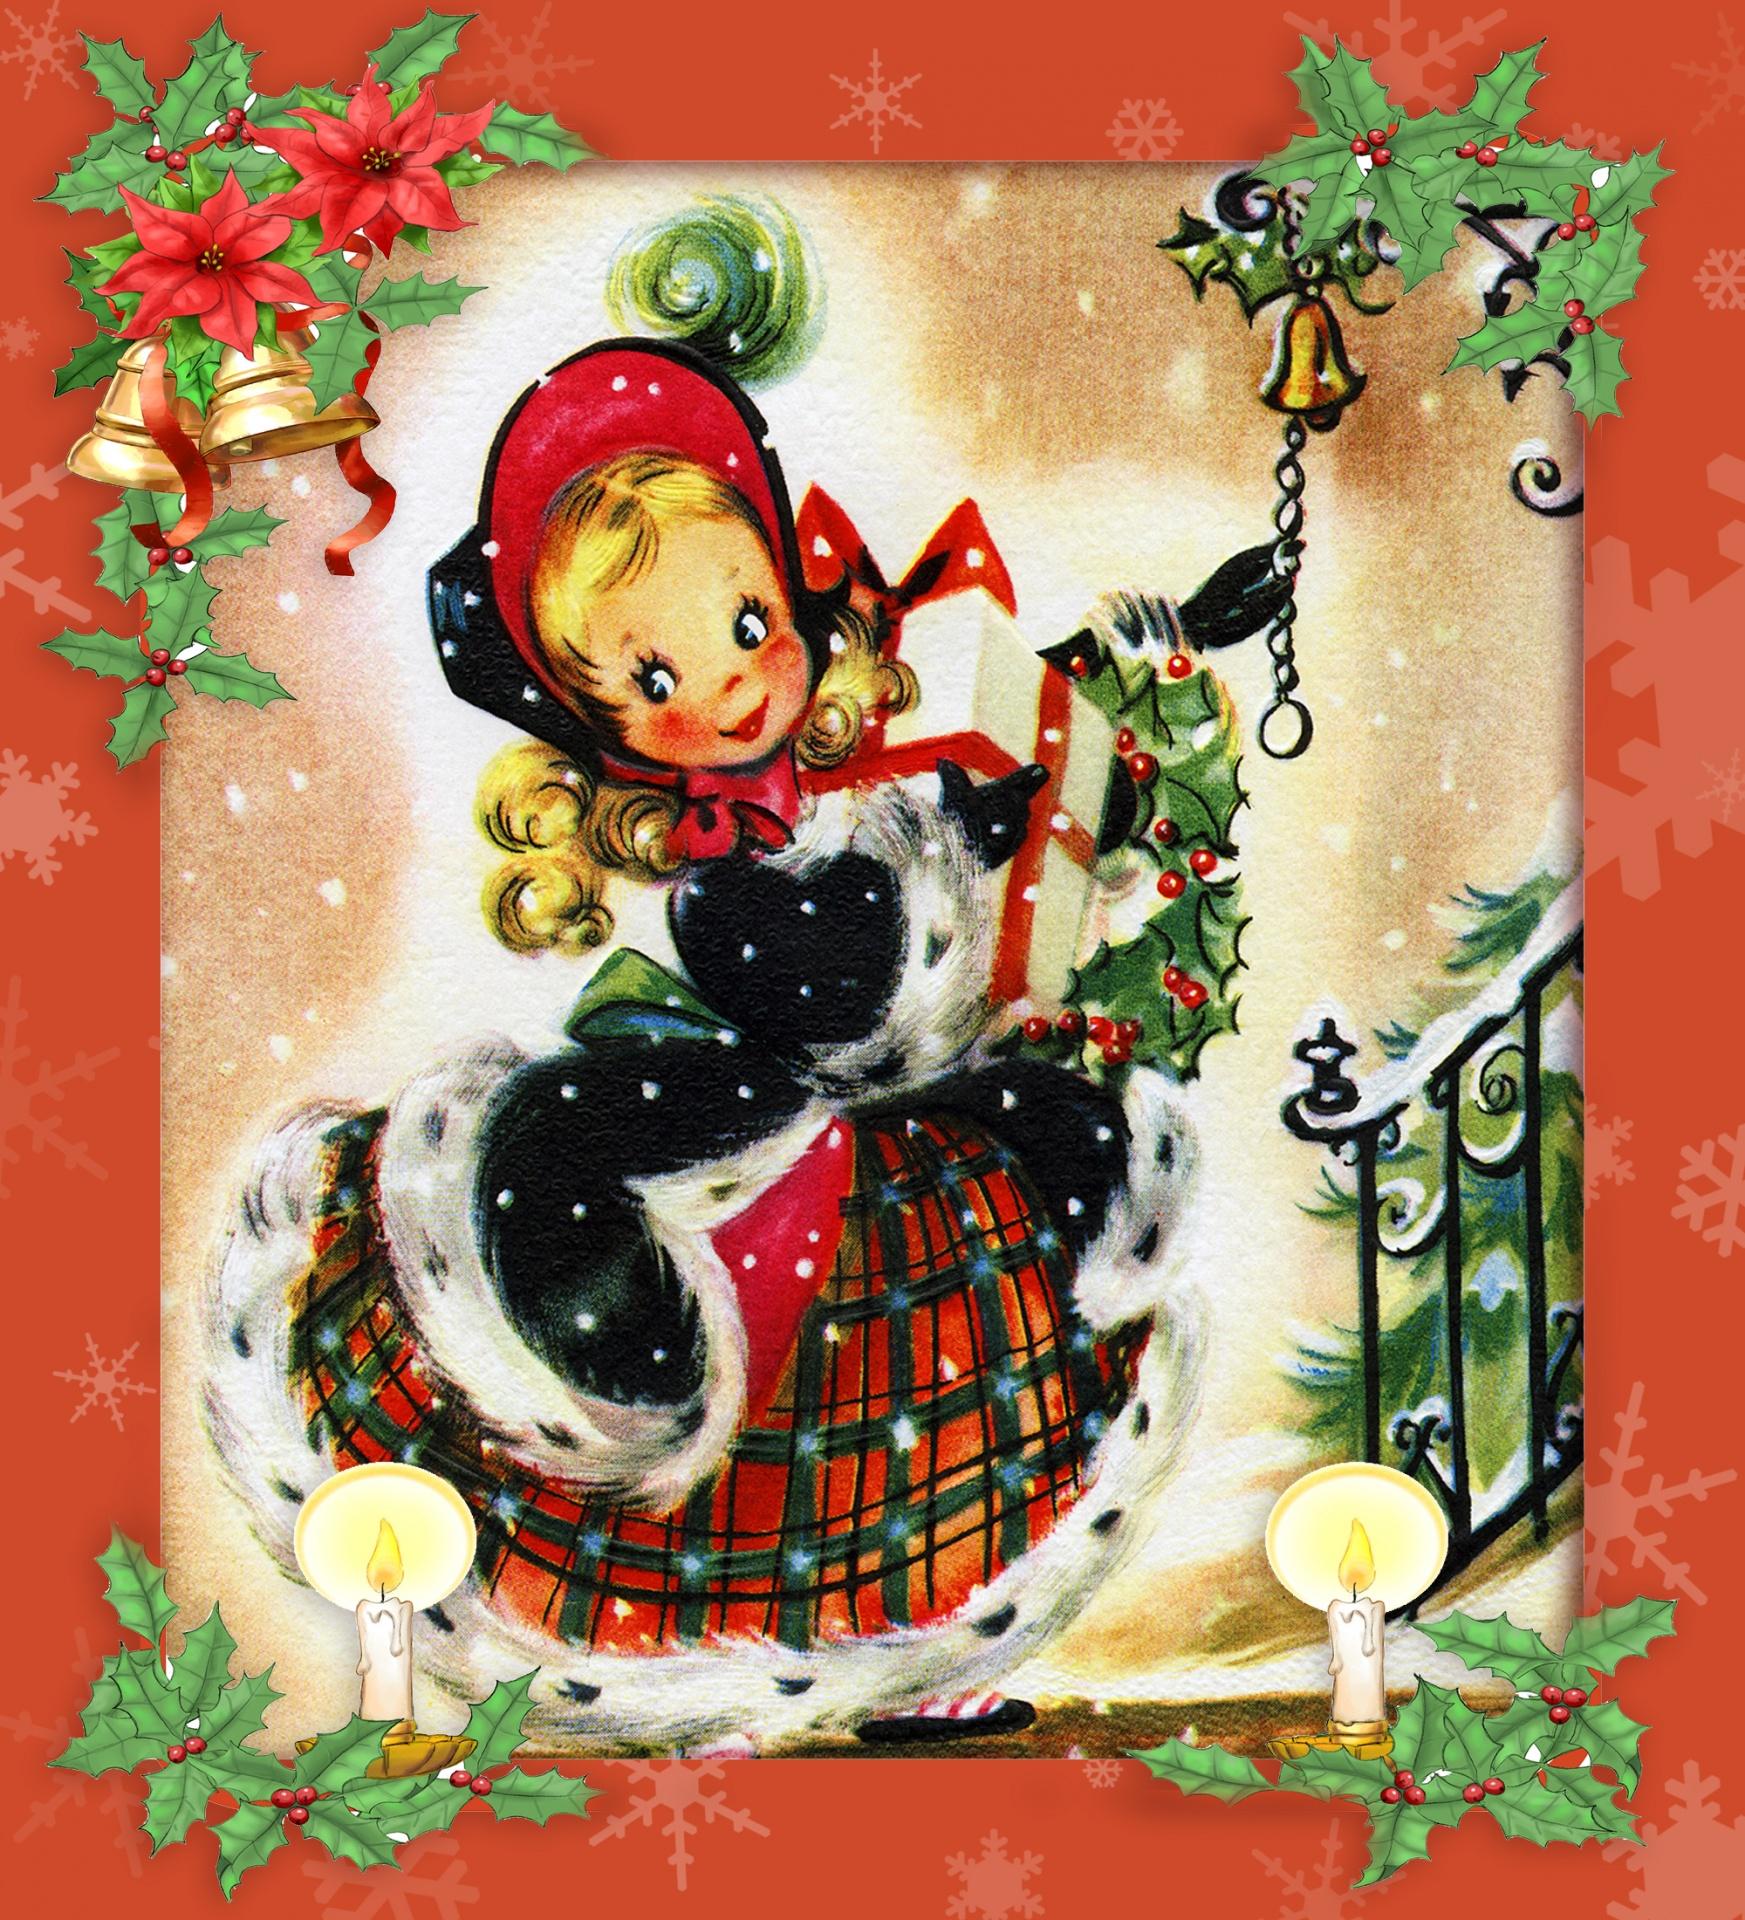 Vintage Christmas Illustrations.Christmas Vintage Christmas Card Girl Young Free Photo